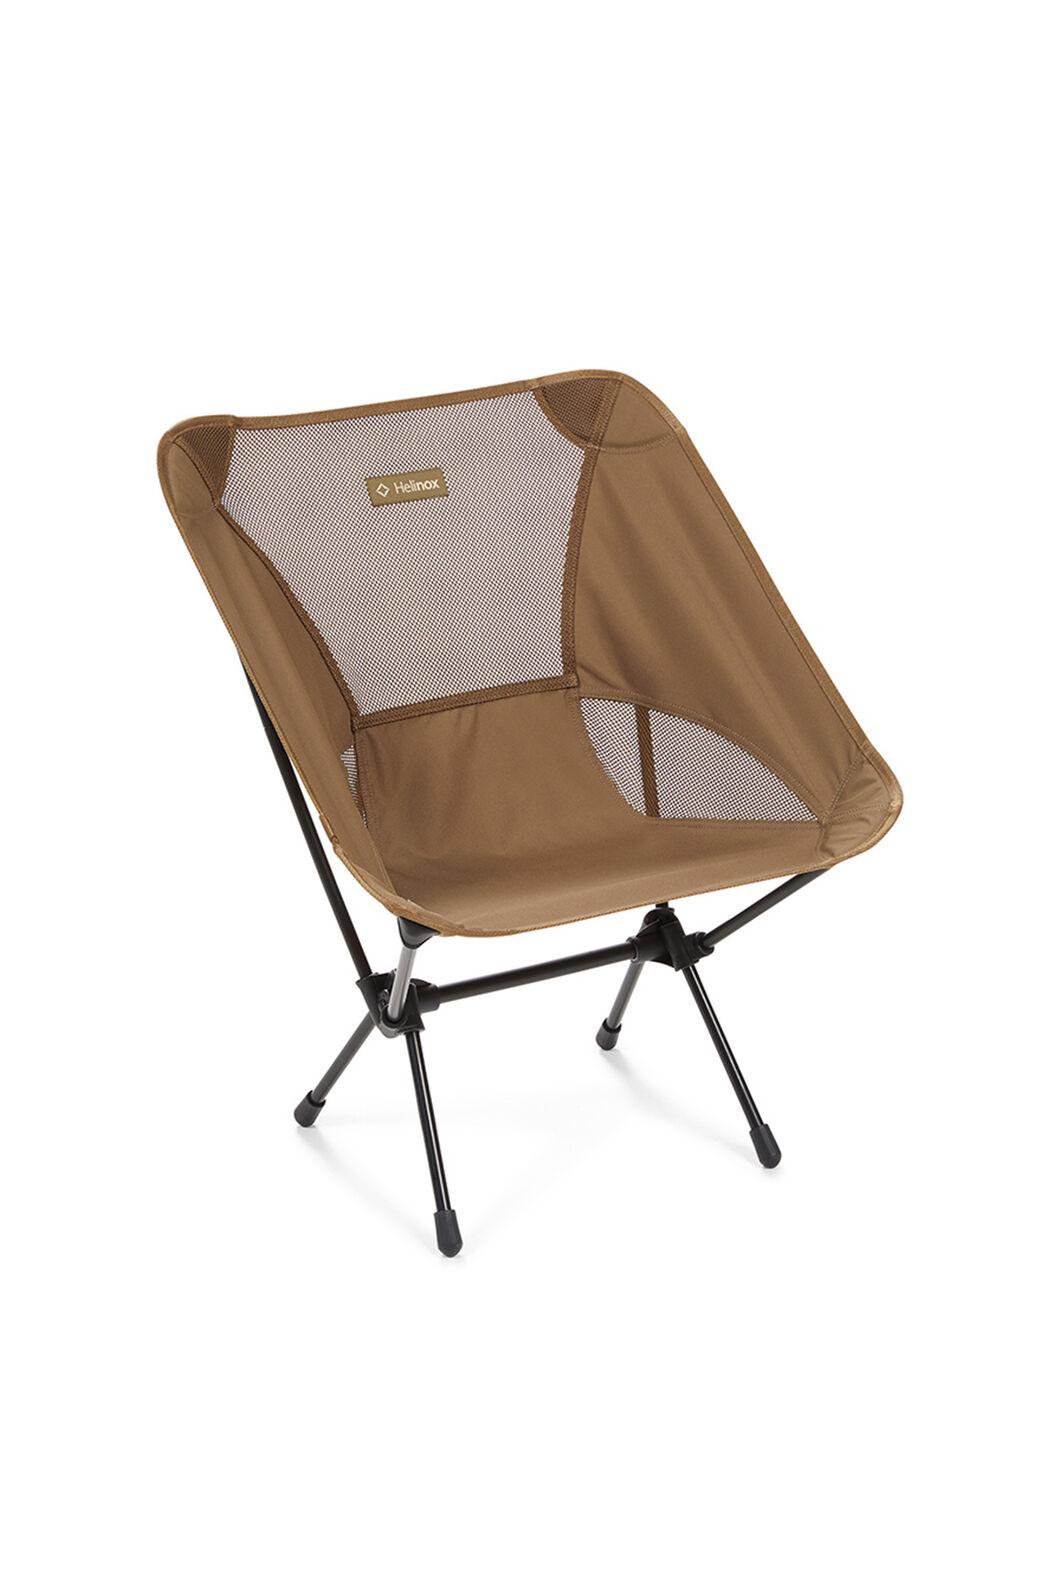 Helinox Chair One, Coyote Tan, hi-res